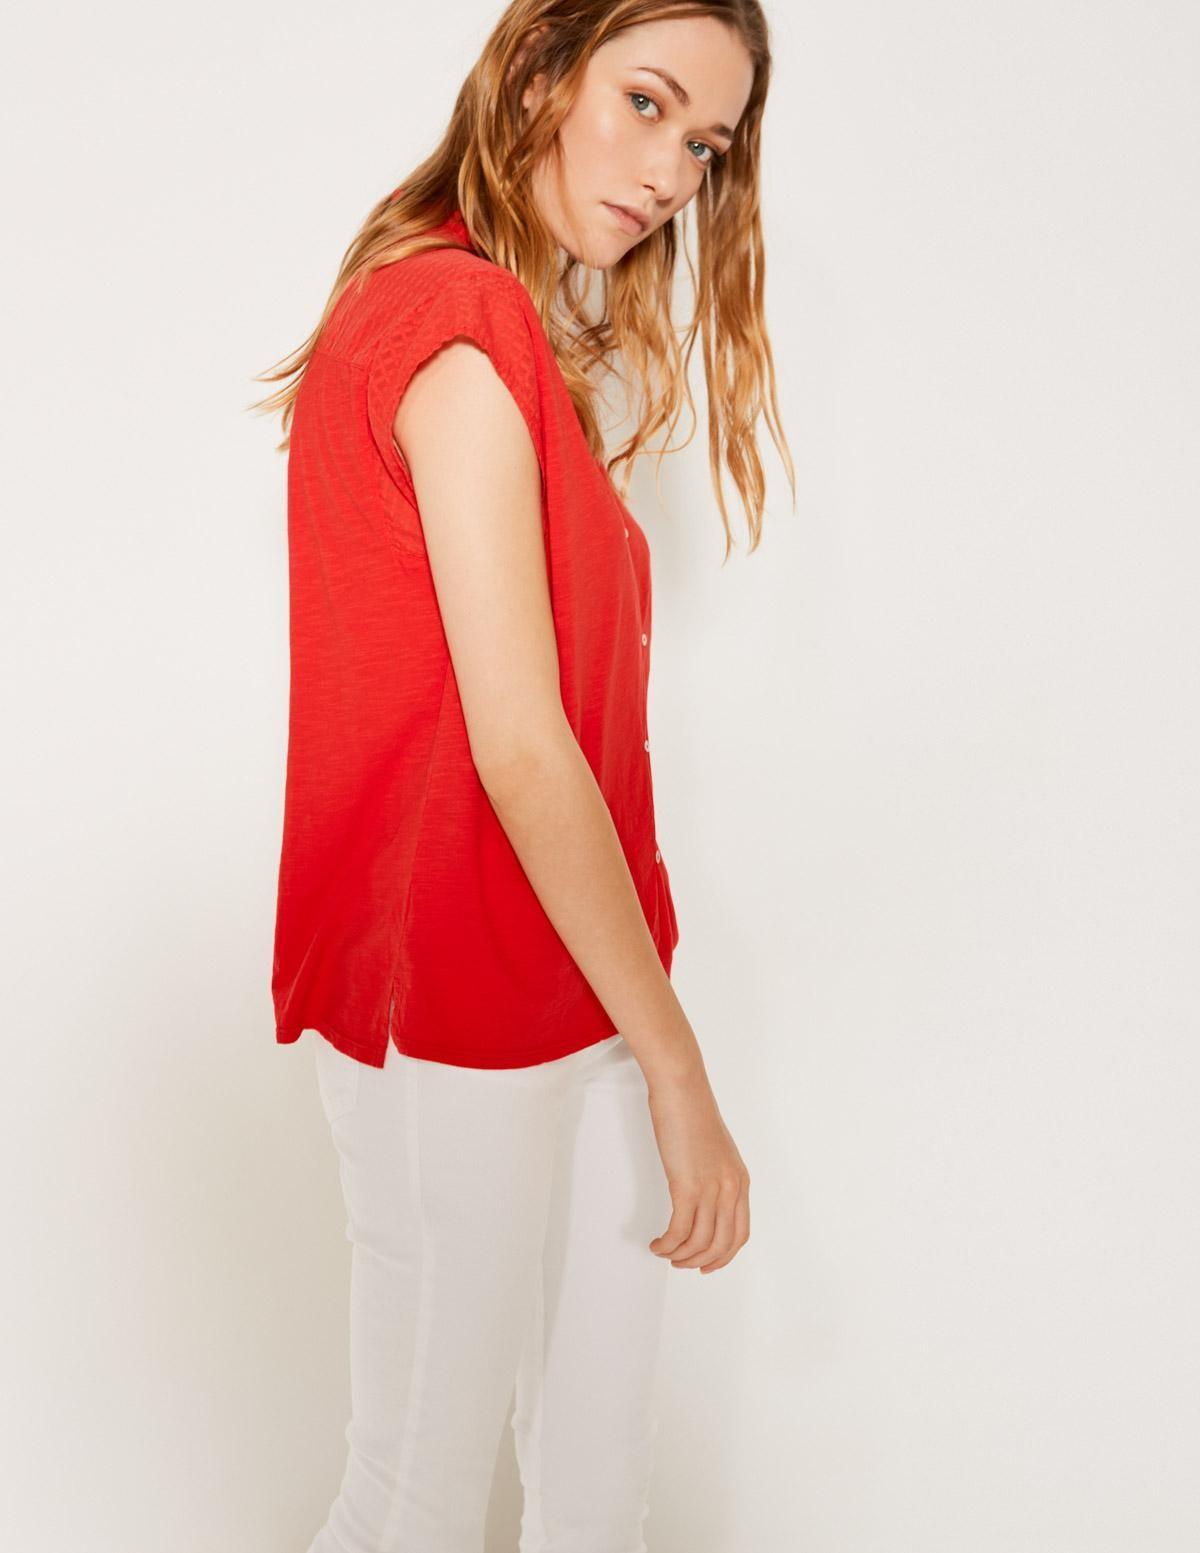 Camisa canesú texturado - Ítem1